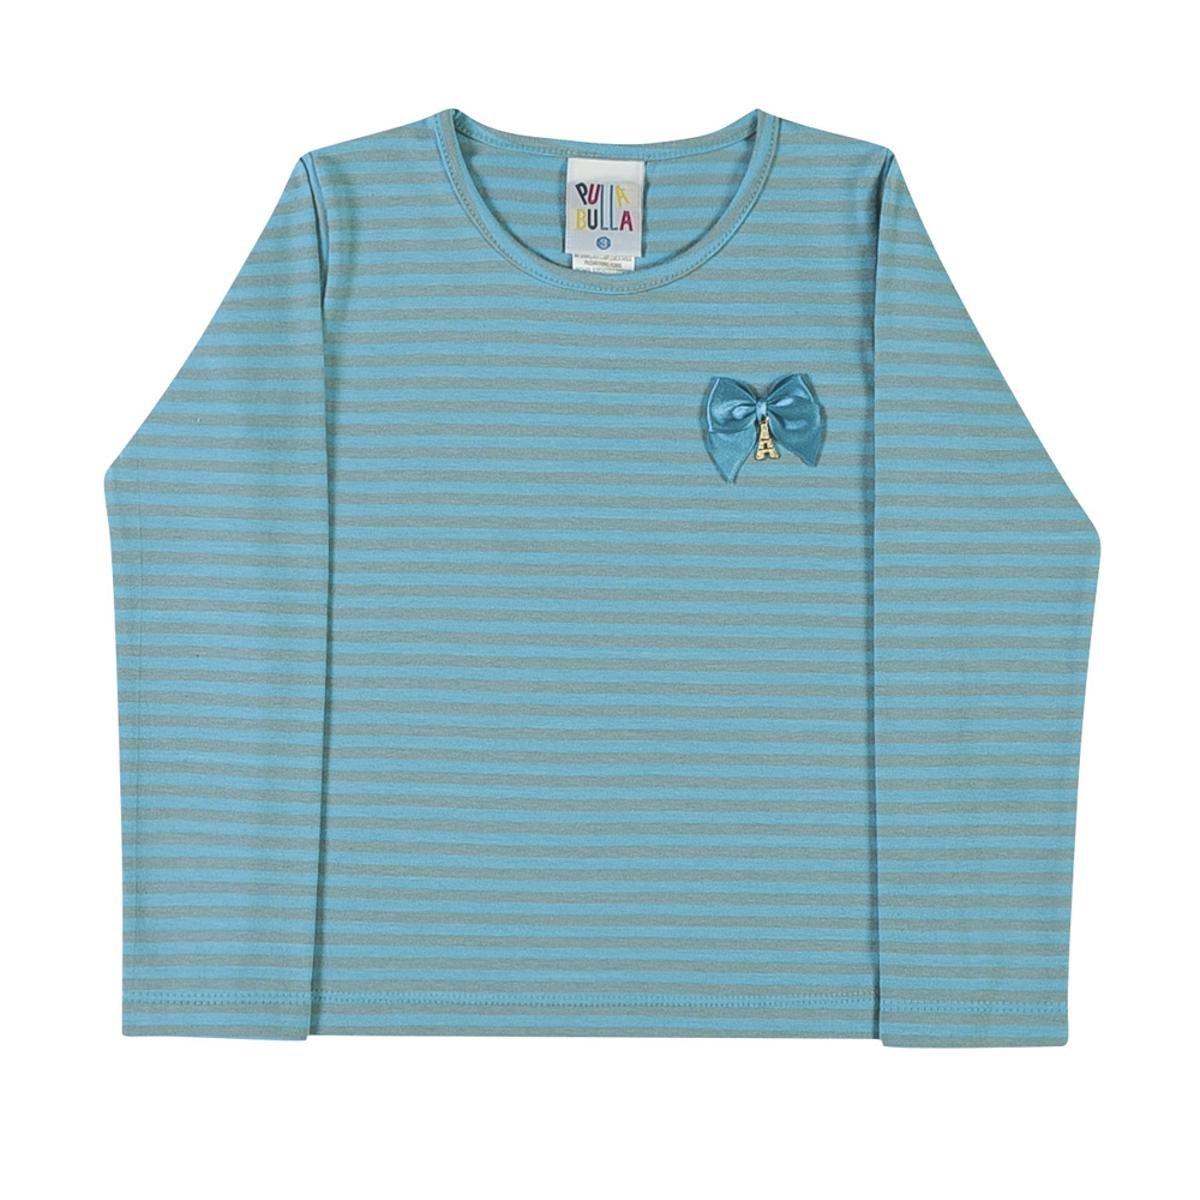 Cotton Listrado Azul Blusa Cotton Listrado Azul Blusa Blusa qPxYX